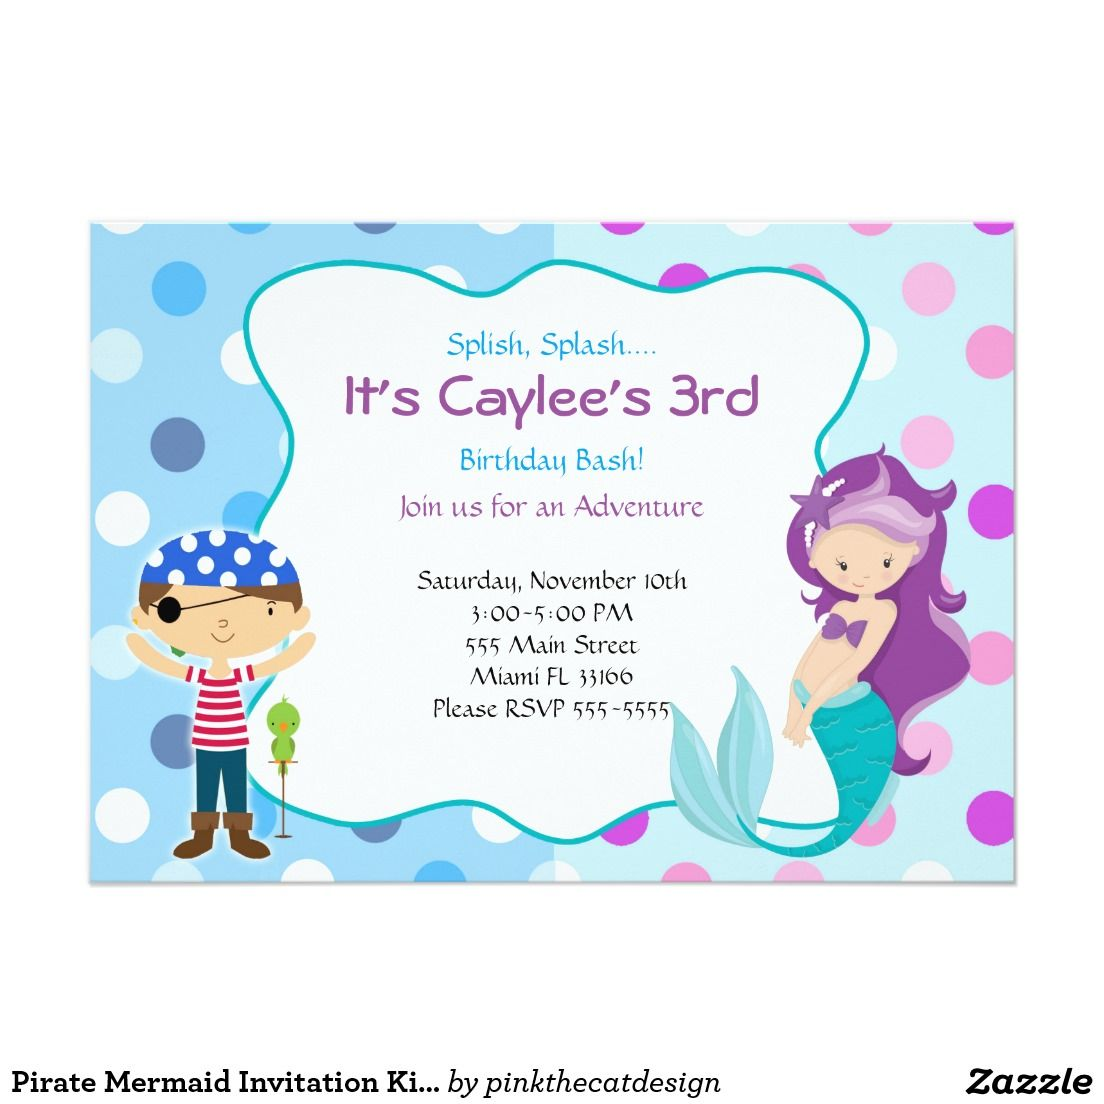 Pirate mermaid invitation kids birthday party butterus birthday